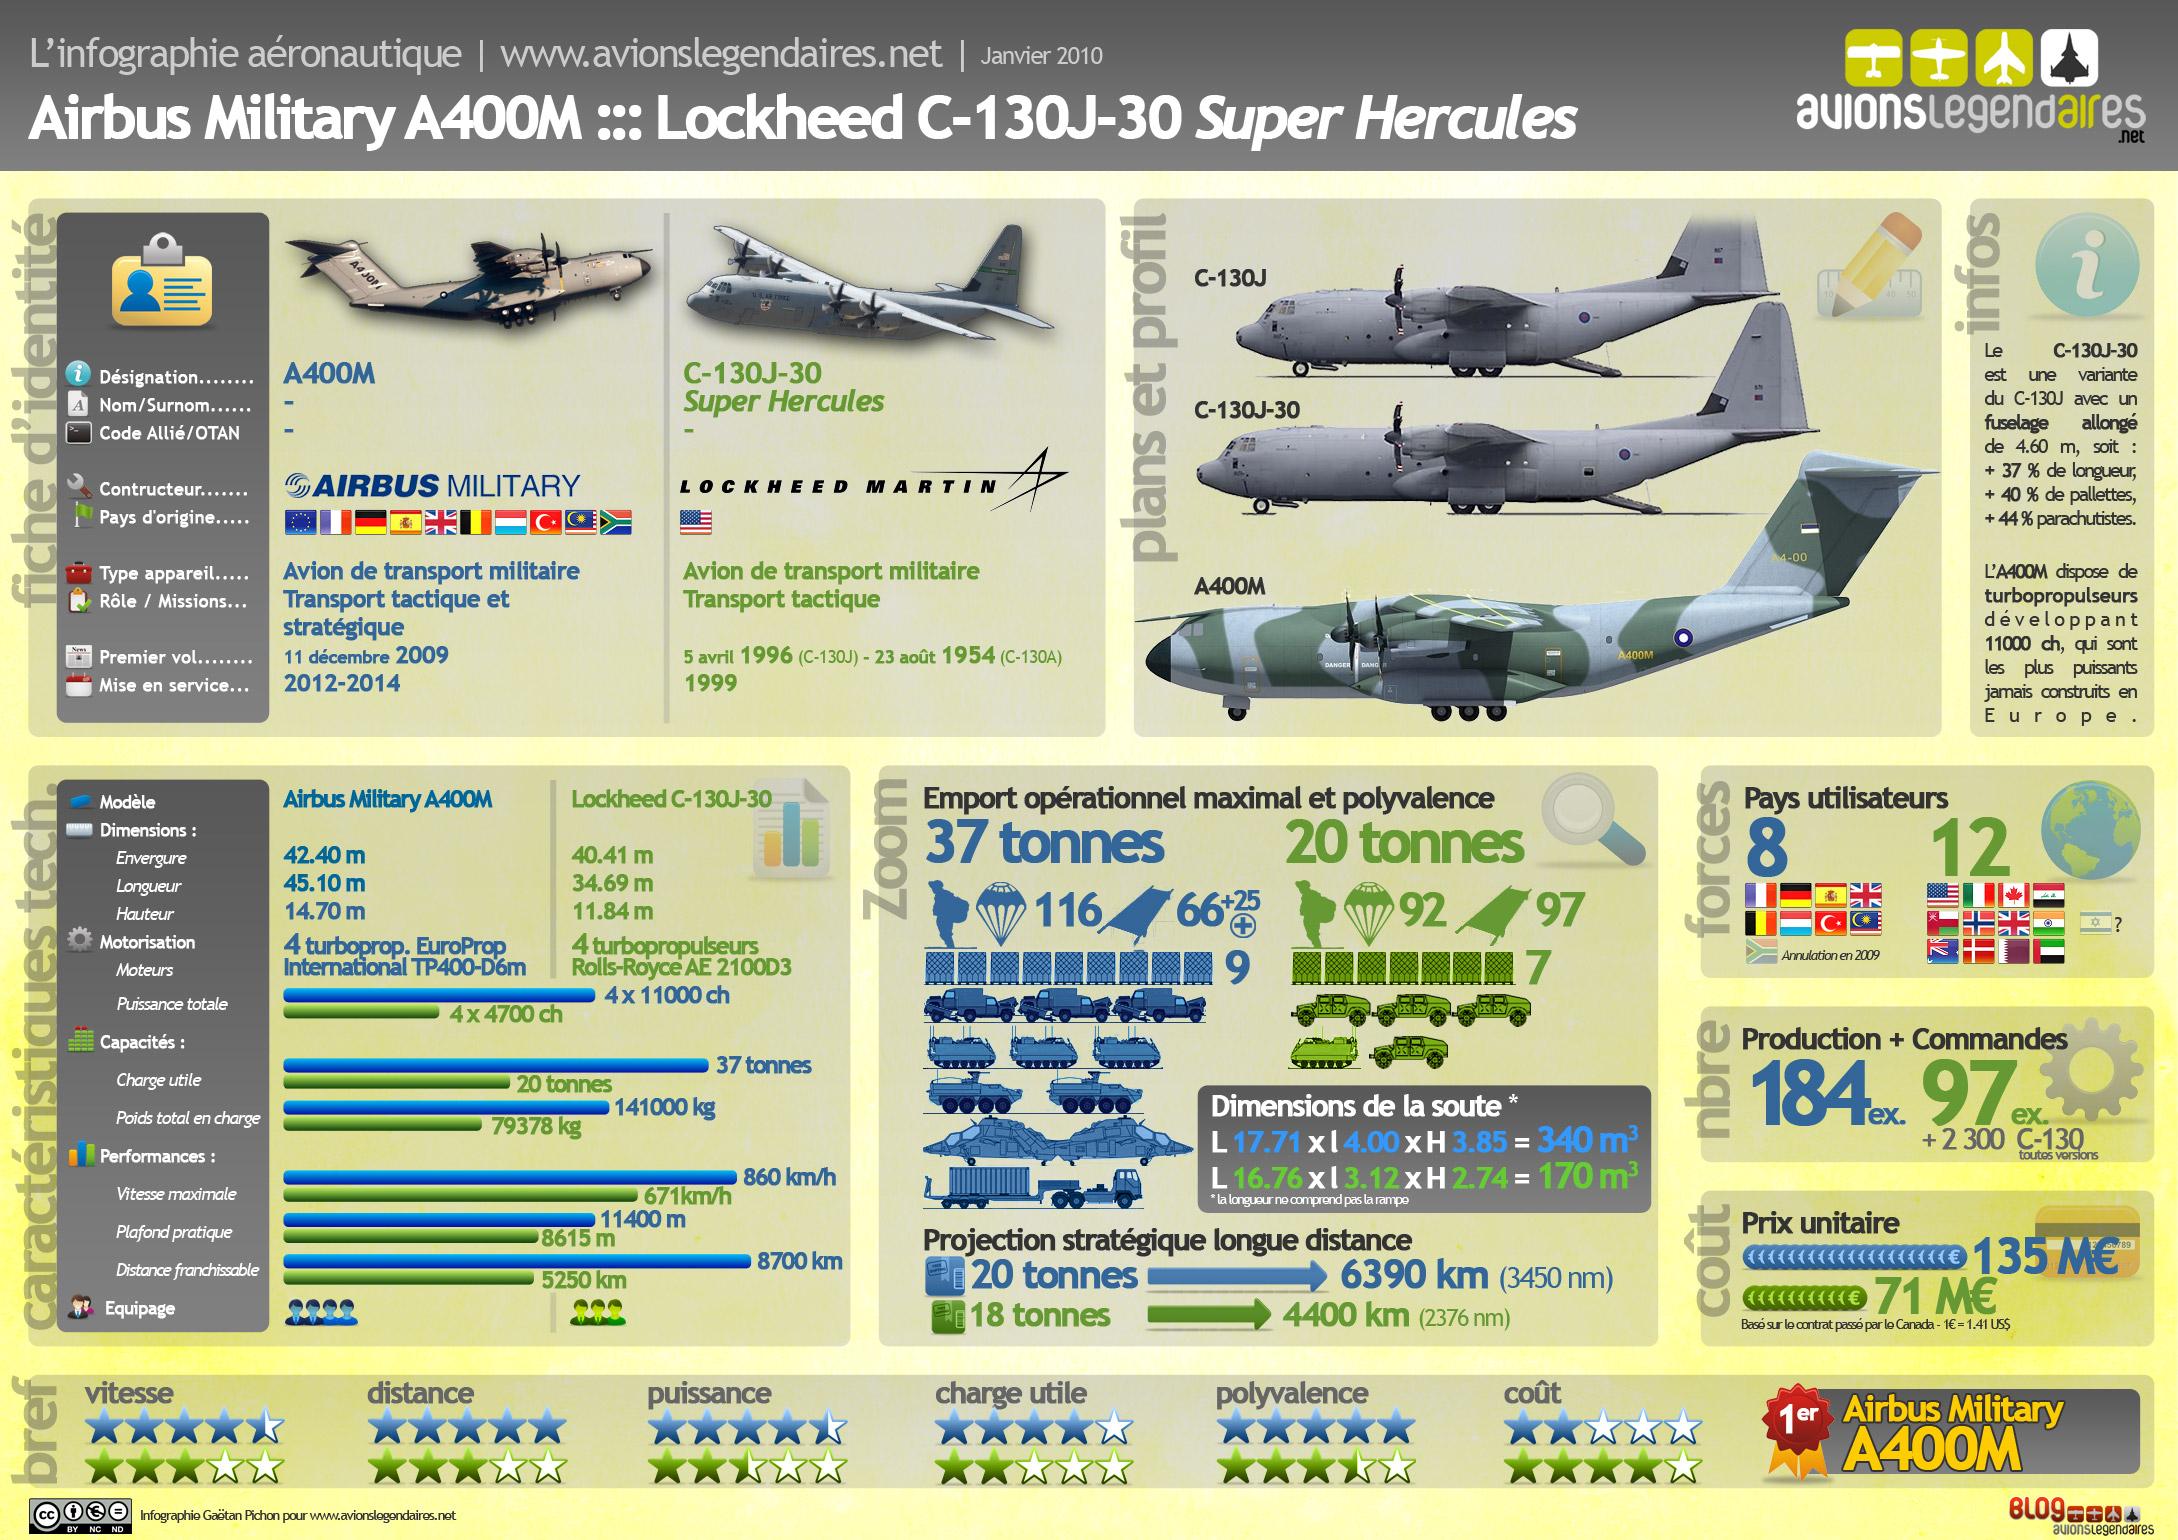 موسوعة طائرة النقل التكتيكي الاحدث C-130J Super Hercules بجميع أنواعها   Infographie-01-10-comparaison-a400m-c-130j-30